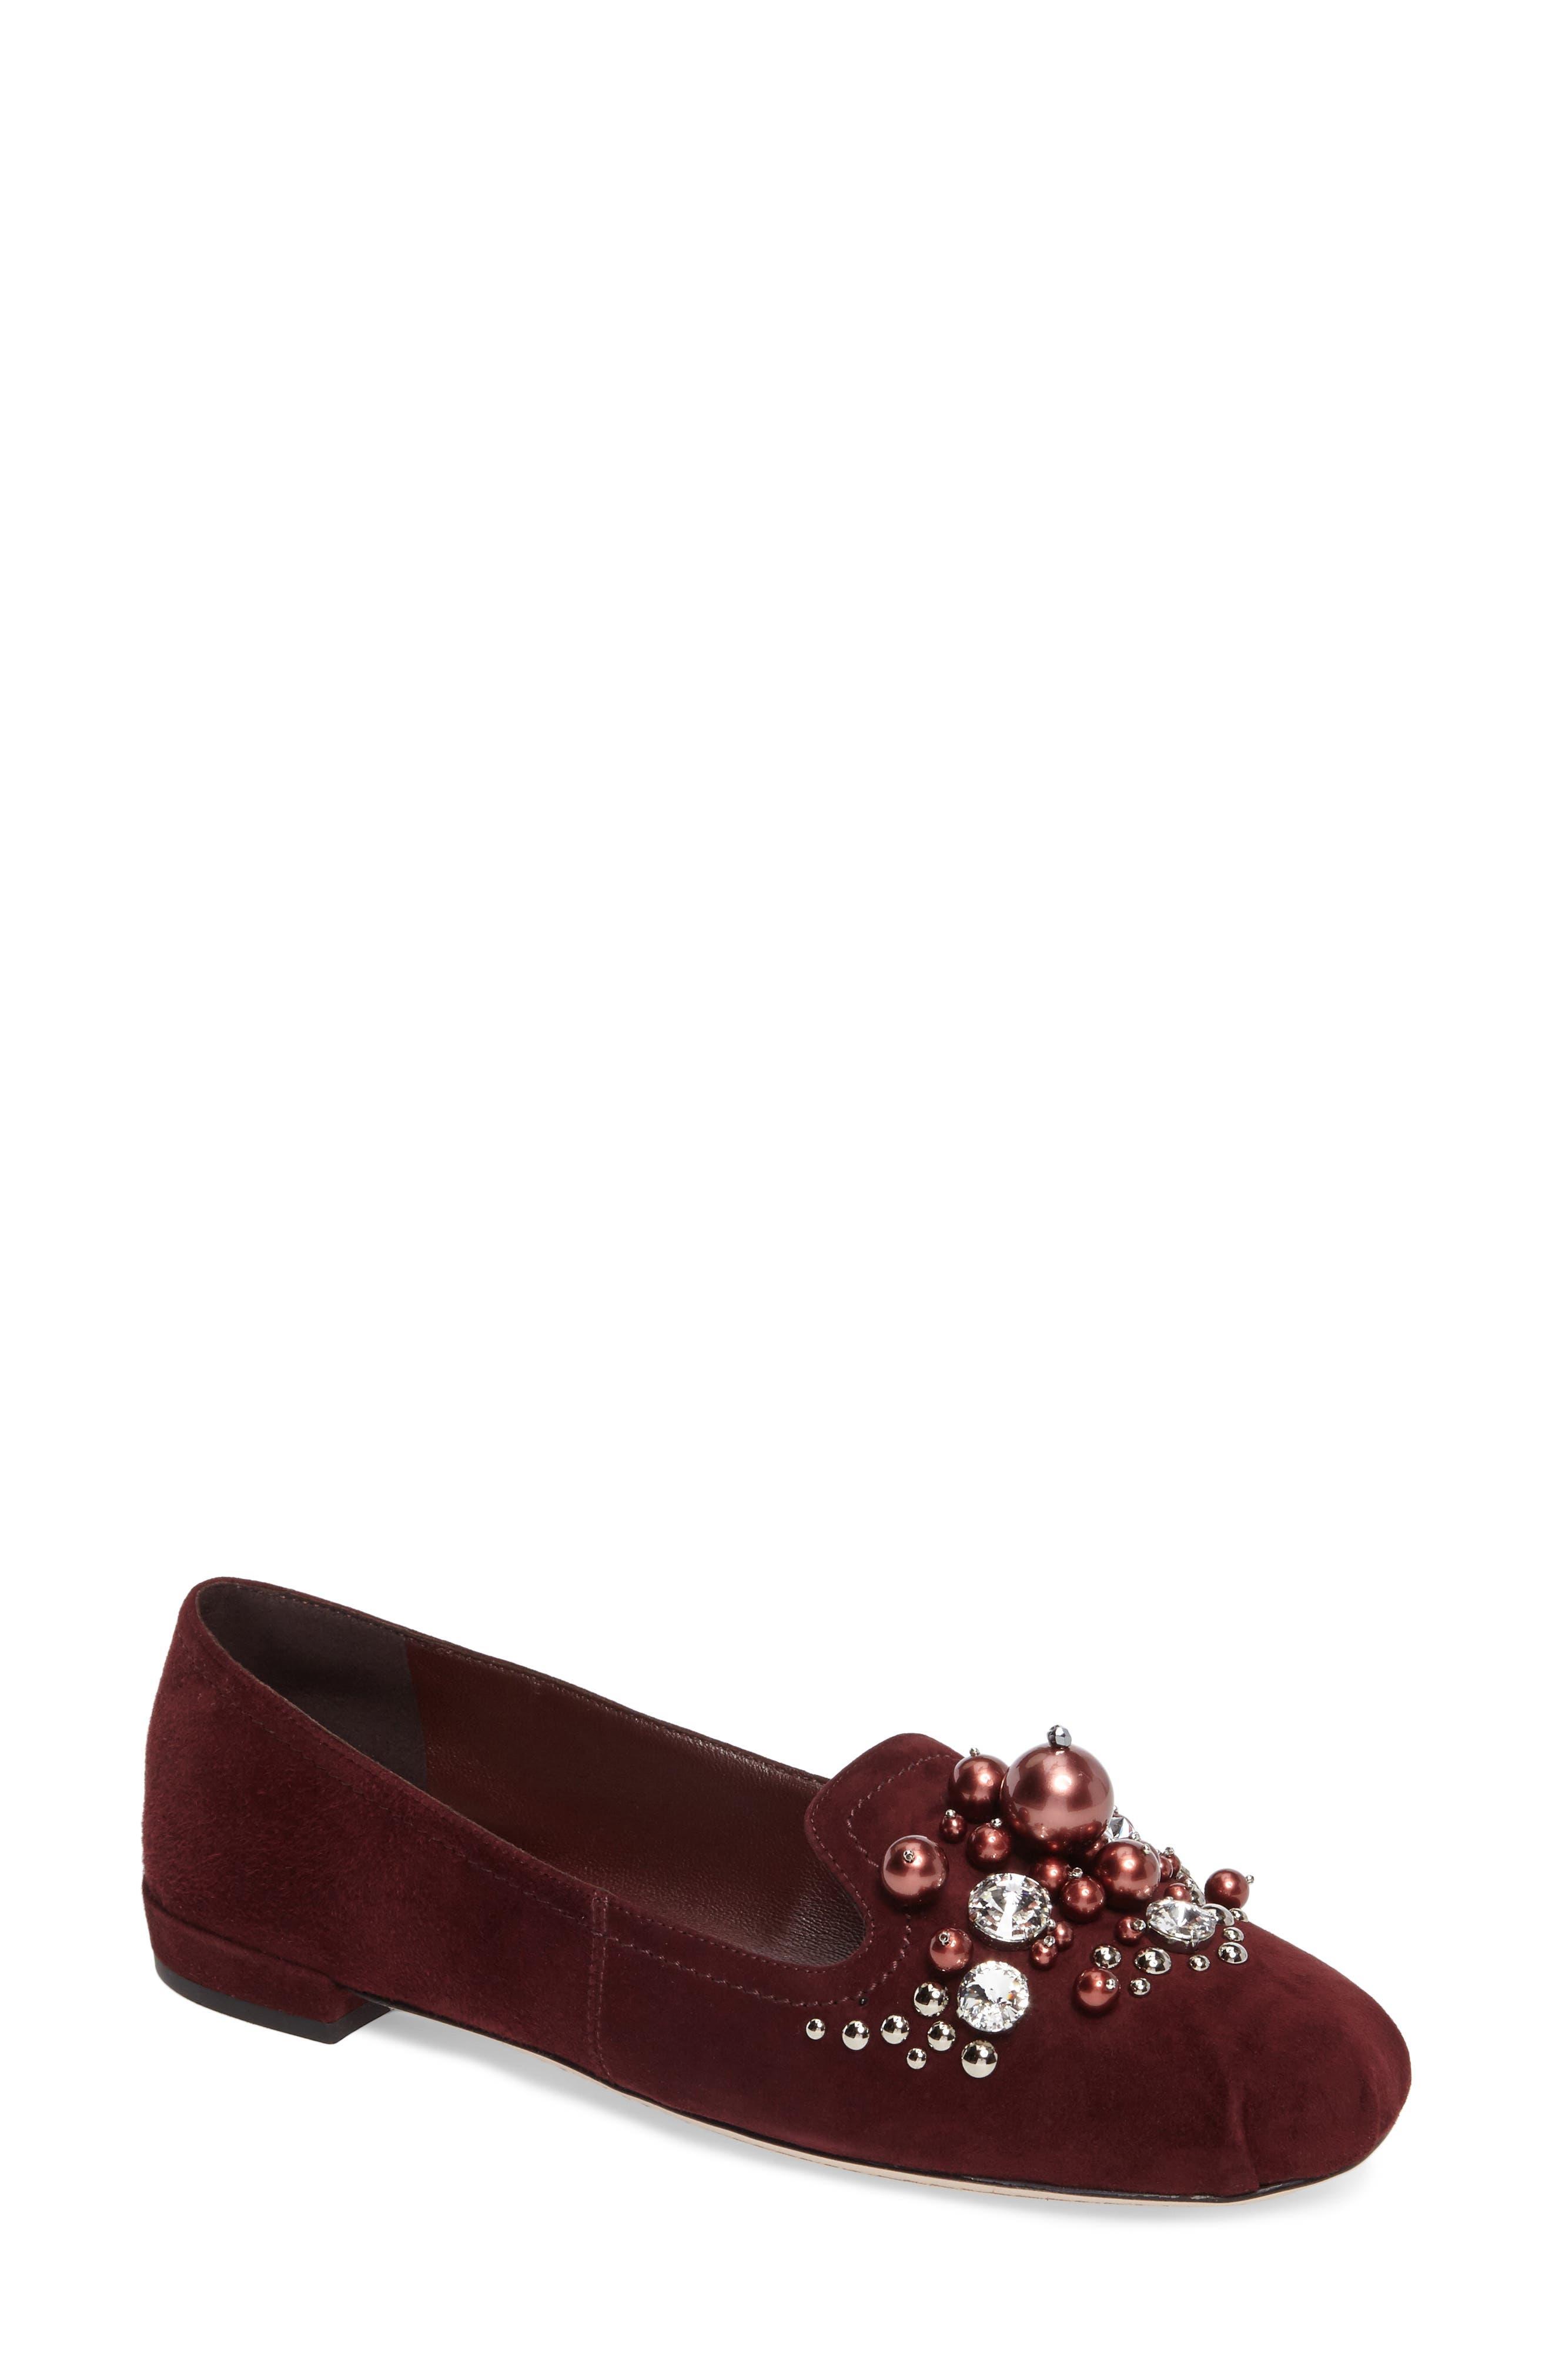 Main Image - Miu Miu Embellished Loafer (Women)